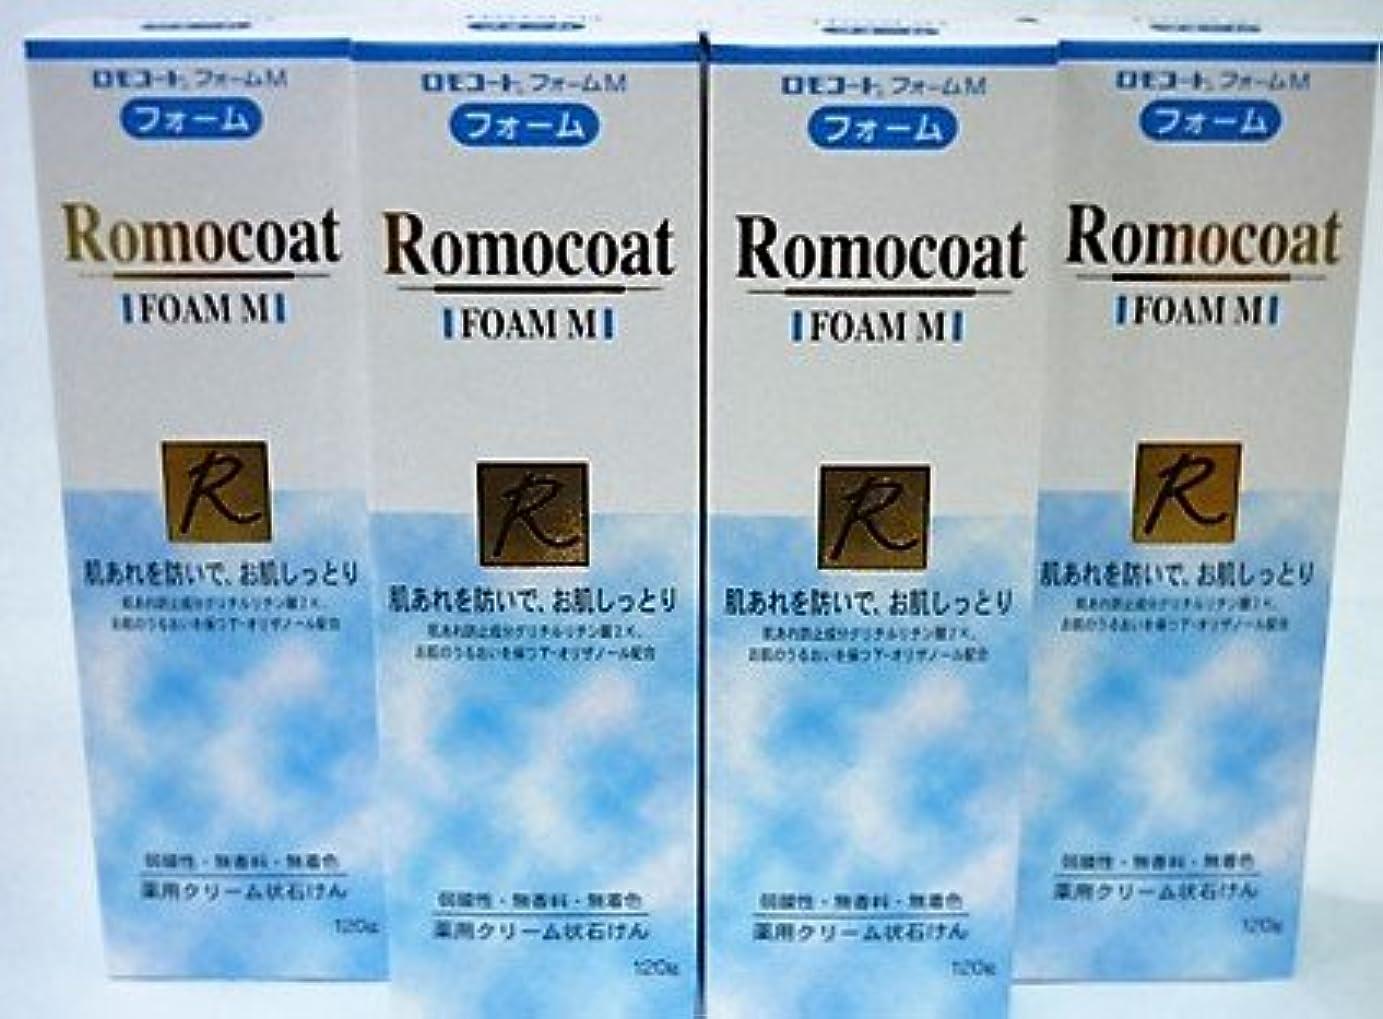 抽出山岳コンドーム<お得な4本パック>ロモコートフォームM 120g入り×4本